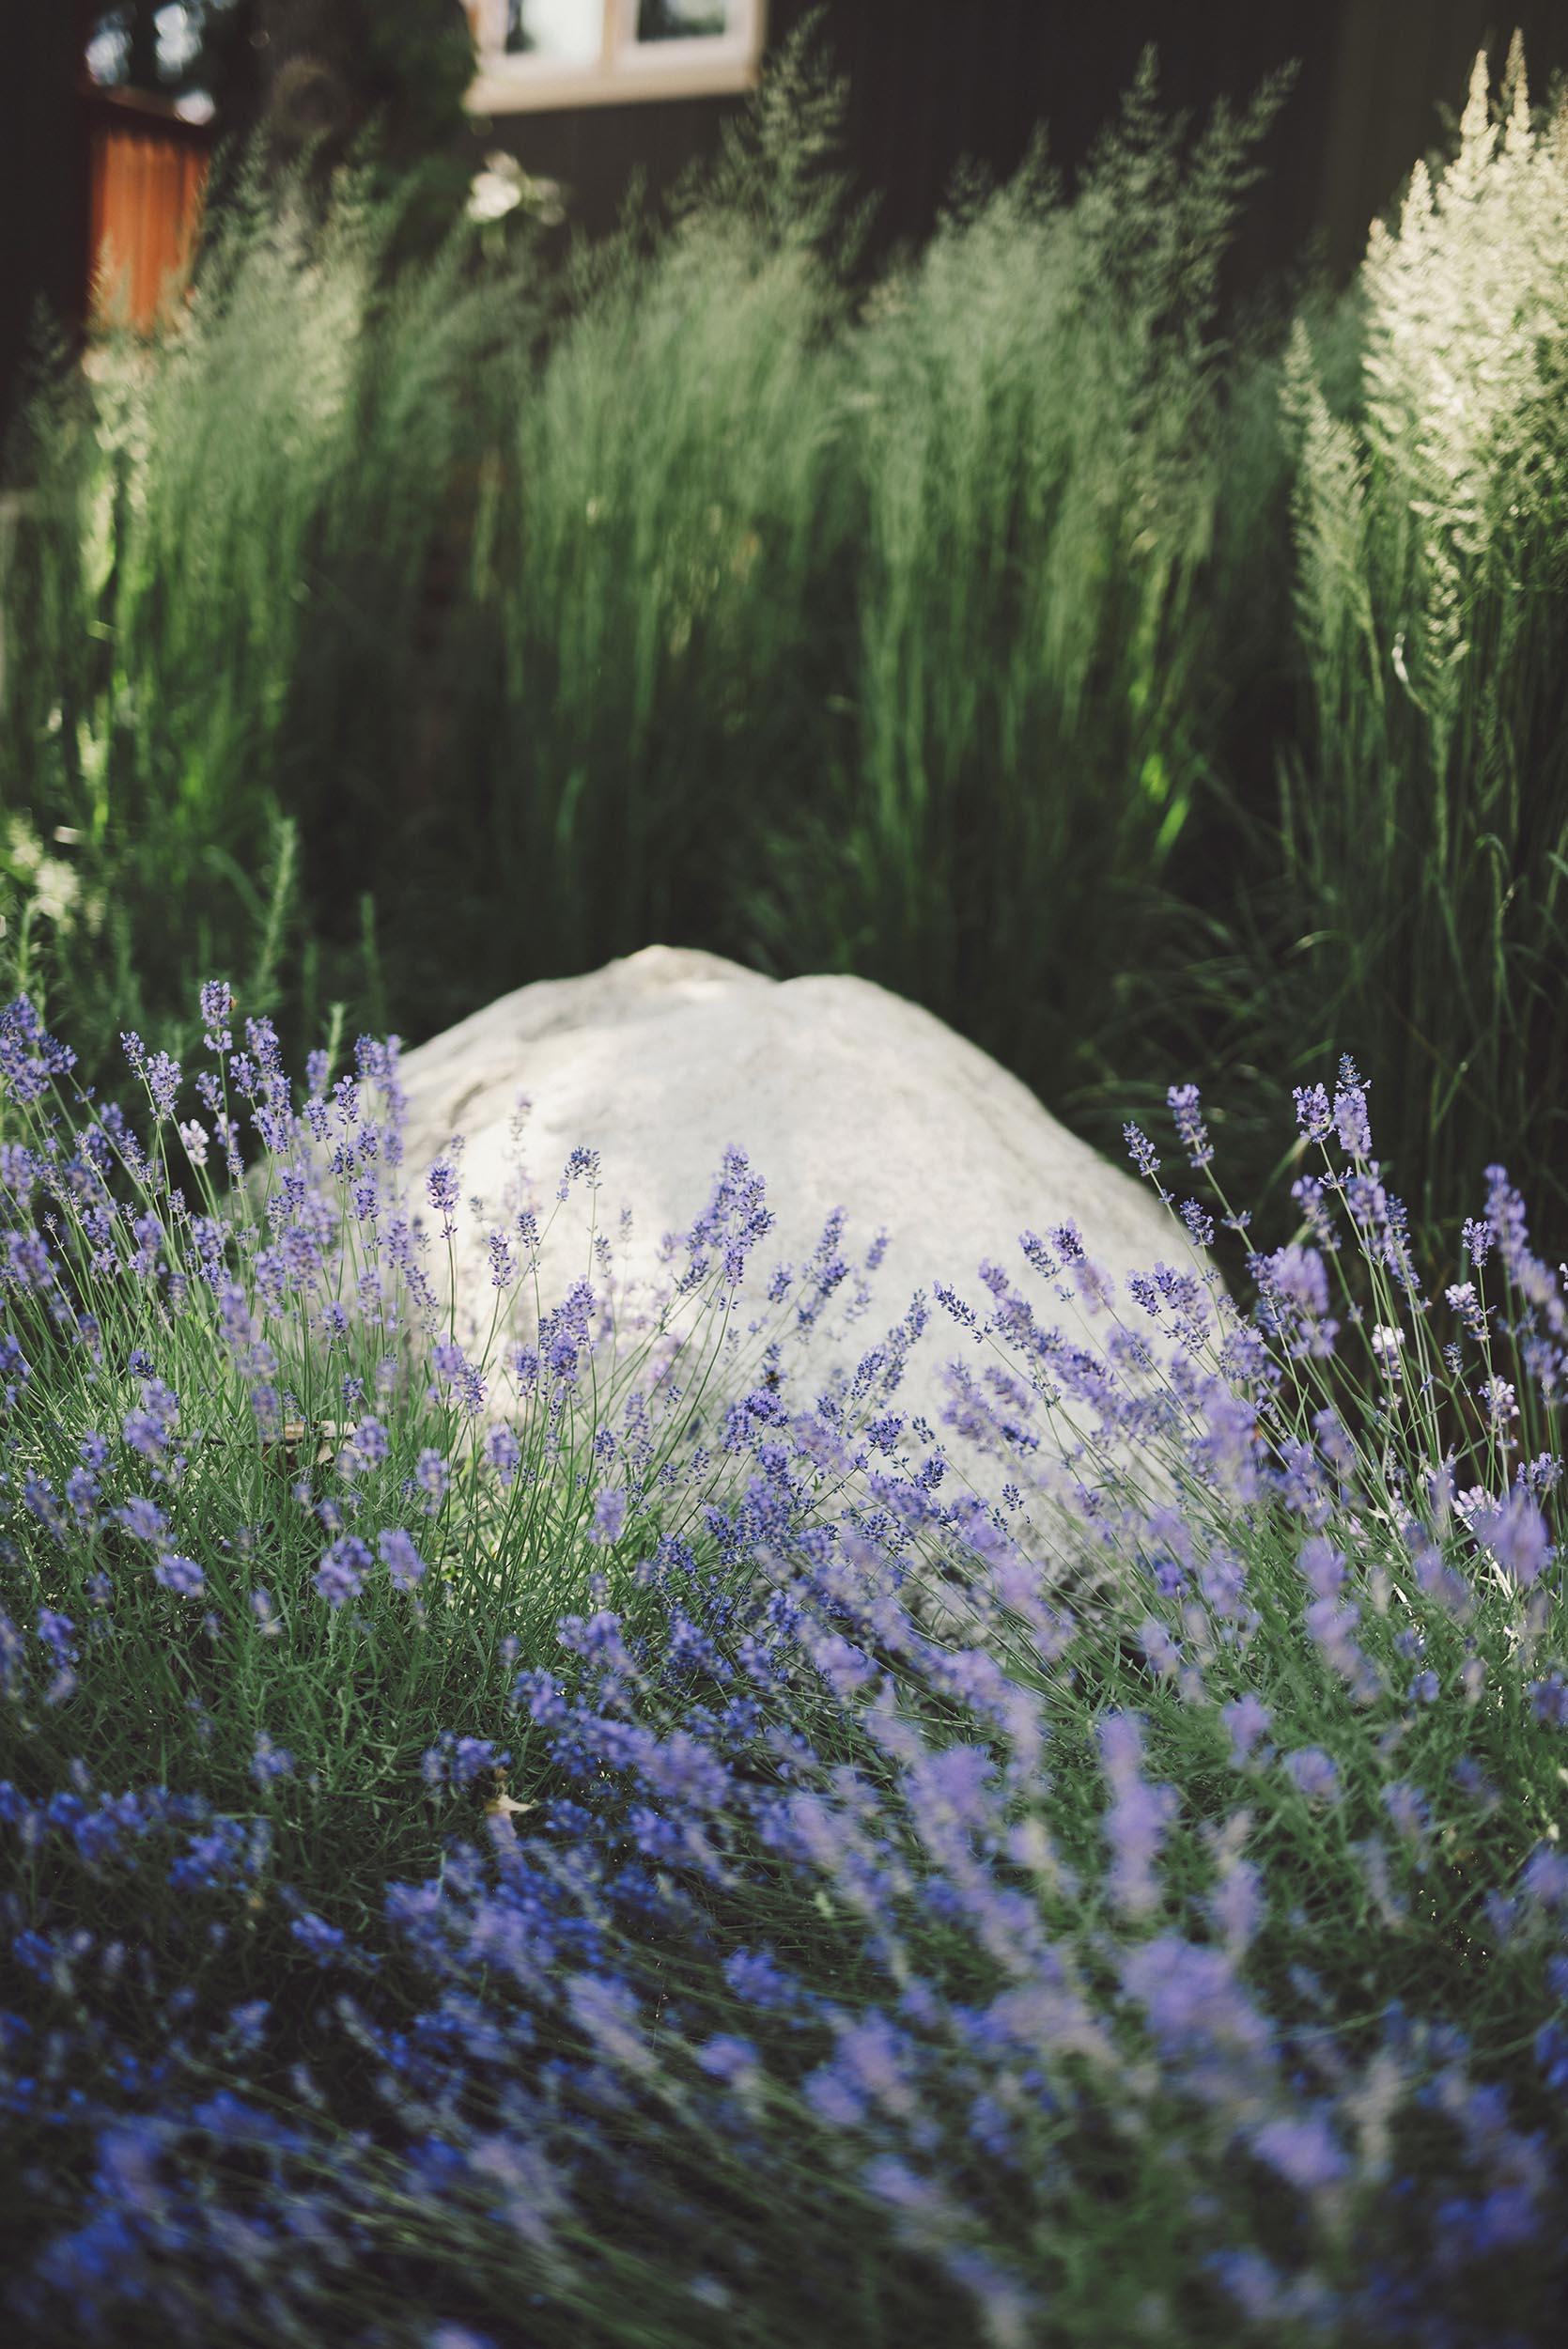 hidden granite boulder close up + lavender + tall soft grasses + modern PNW landscape